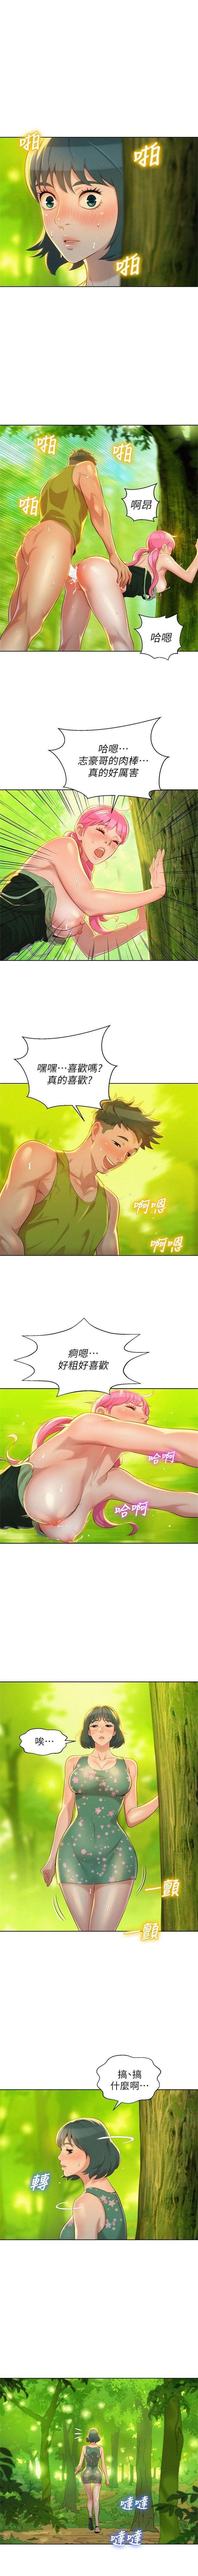 (周7)漂亮干姐姐  1-81 中文翻译 (更新中) 98